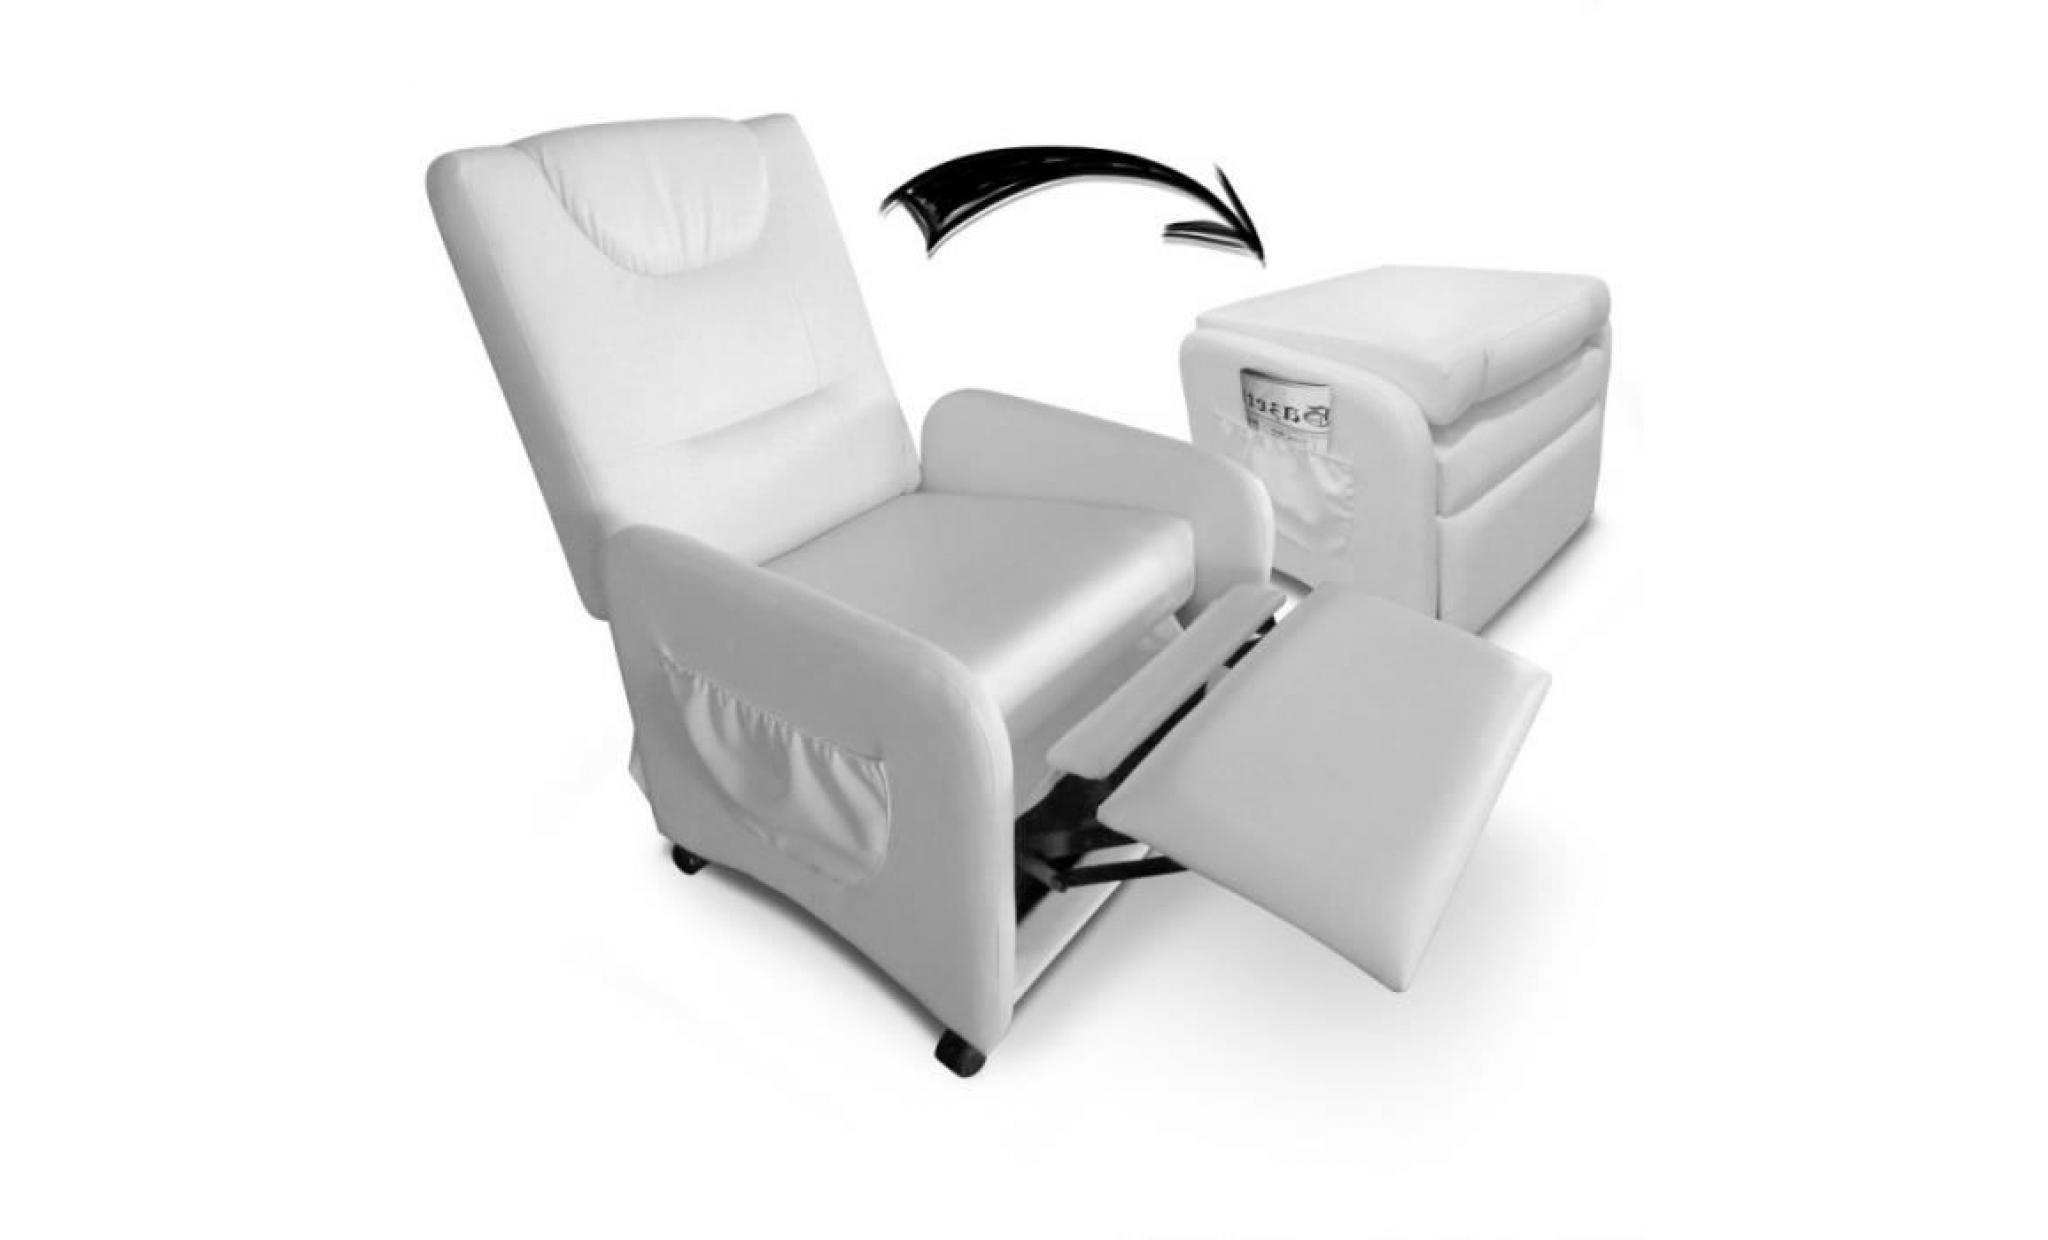 Relax Fauteuil Design.Fauteuil Design Relax Pliable Enjoy 64cm Blanc Achat Vente